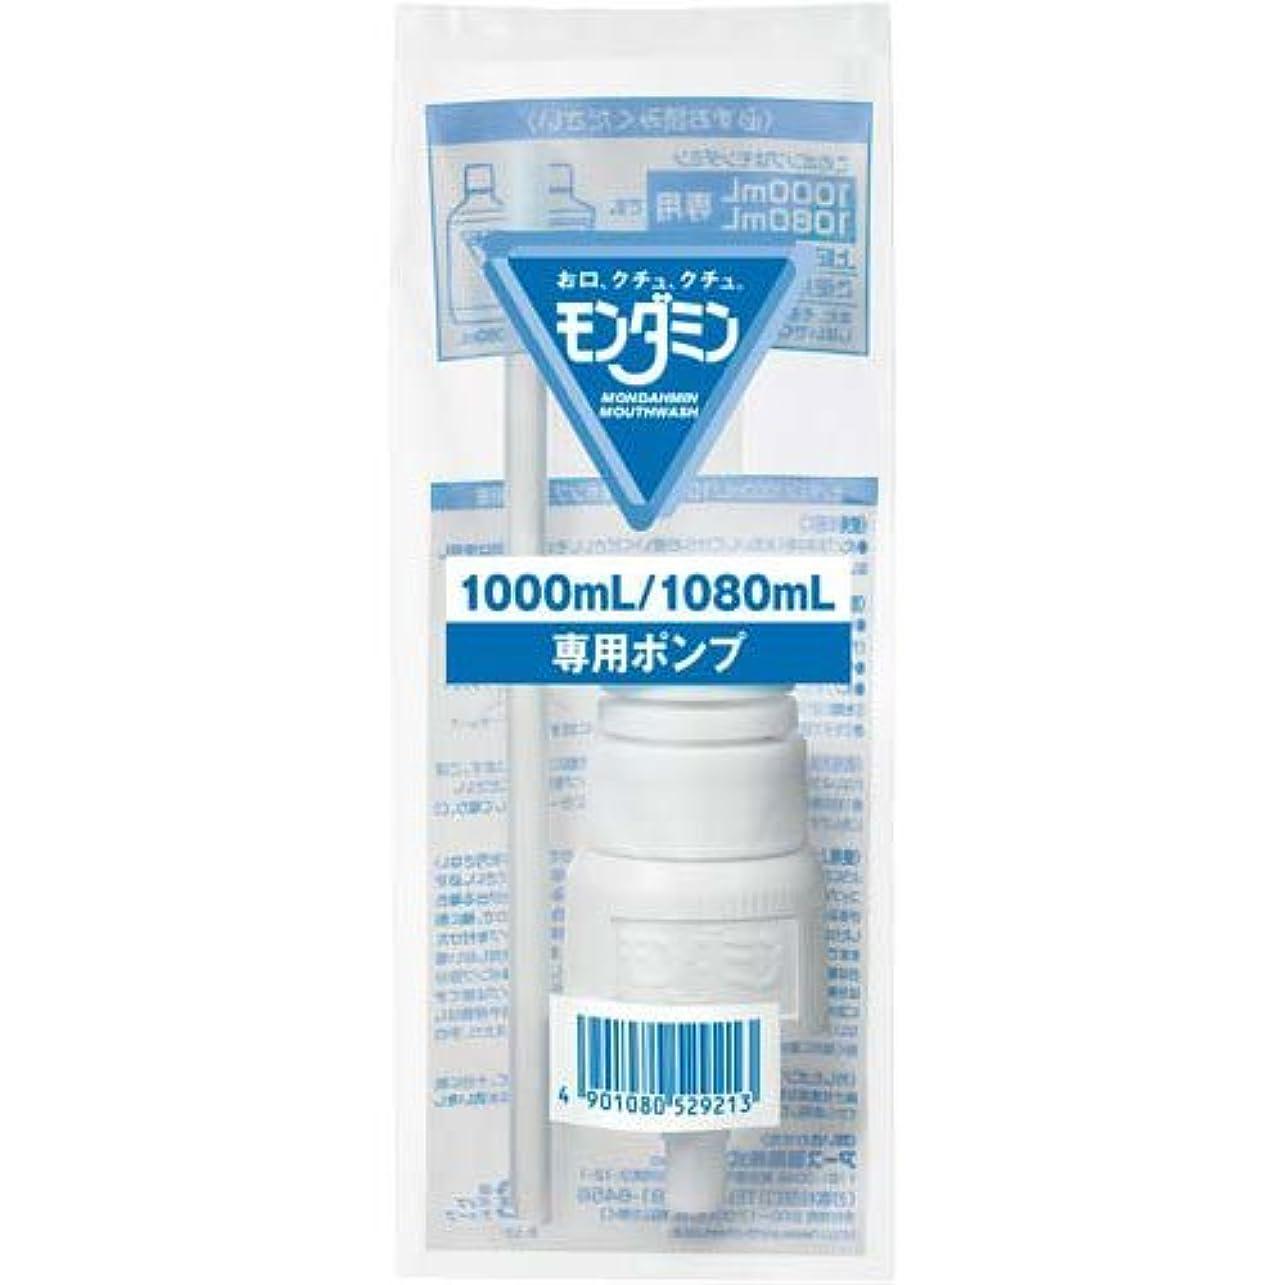 盆地狐準備するアース製薬 モンダミン1080ml専用ポンプ